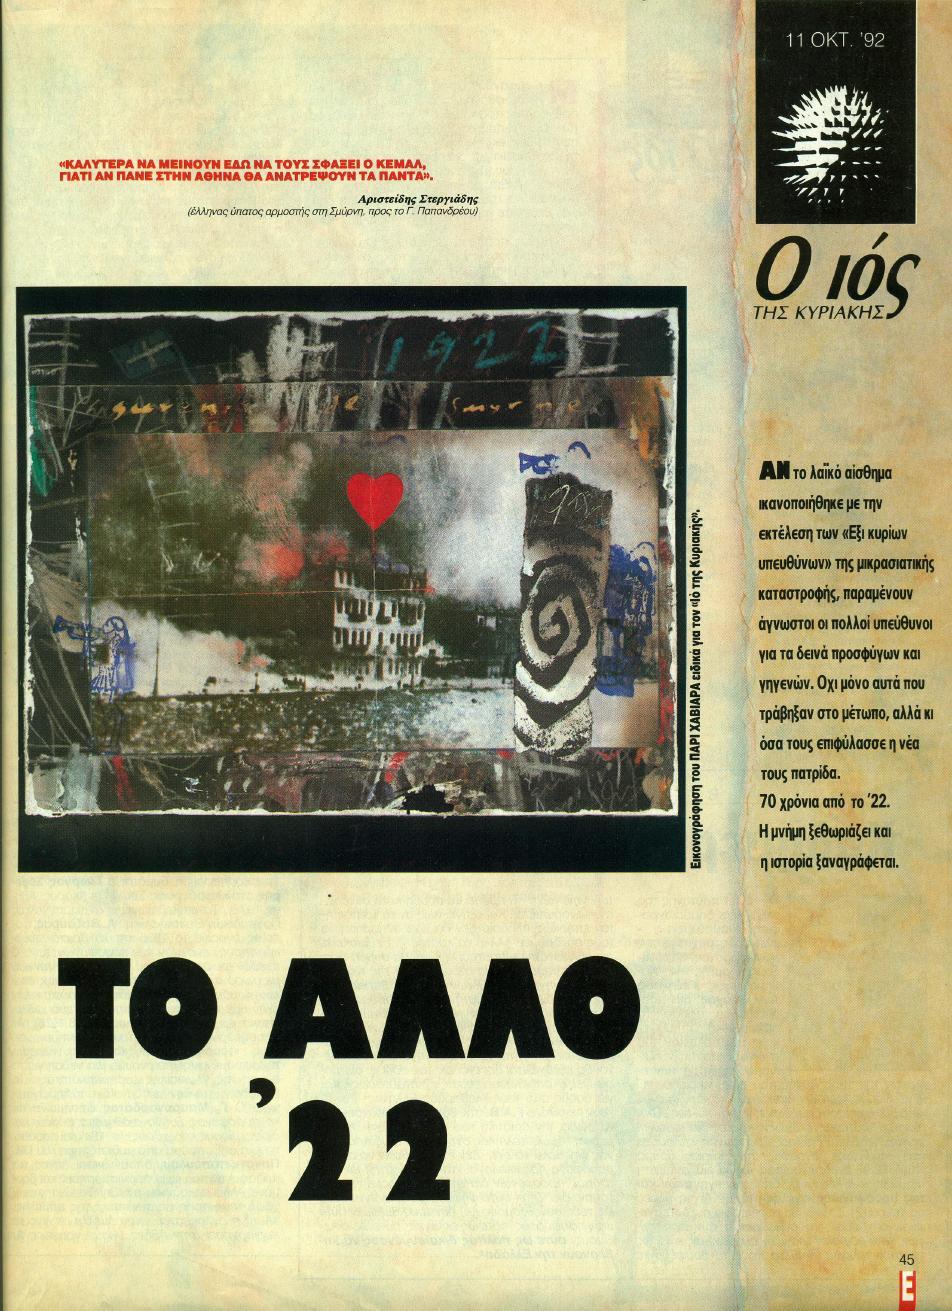 Περιοδικό ΕΨΙΛΟΝ της ΚΕ, Ιός - Το άλλο 1922 + Το ελληνικό Βιετνάμ (Ethnic Cleansing), 11/10/1992